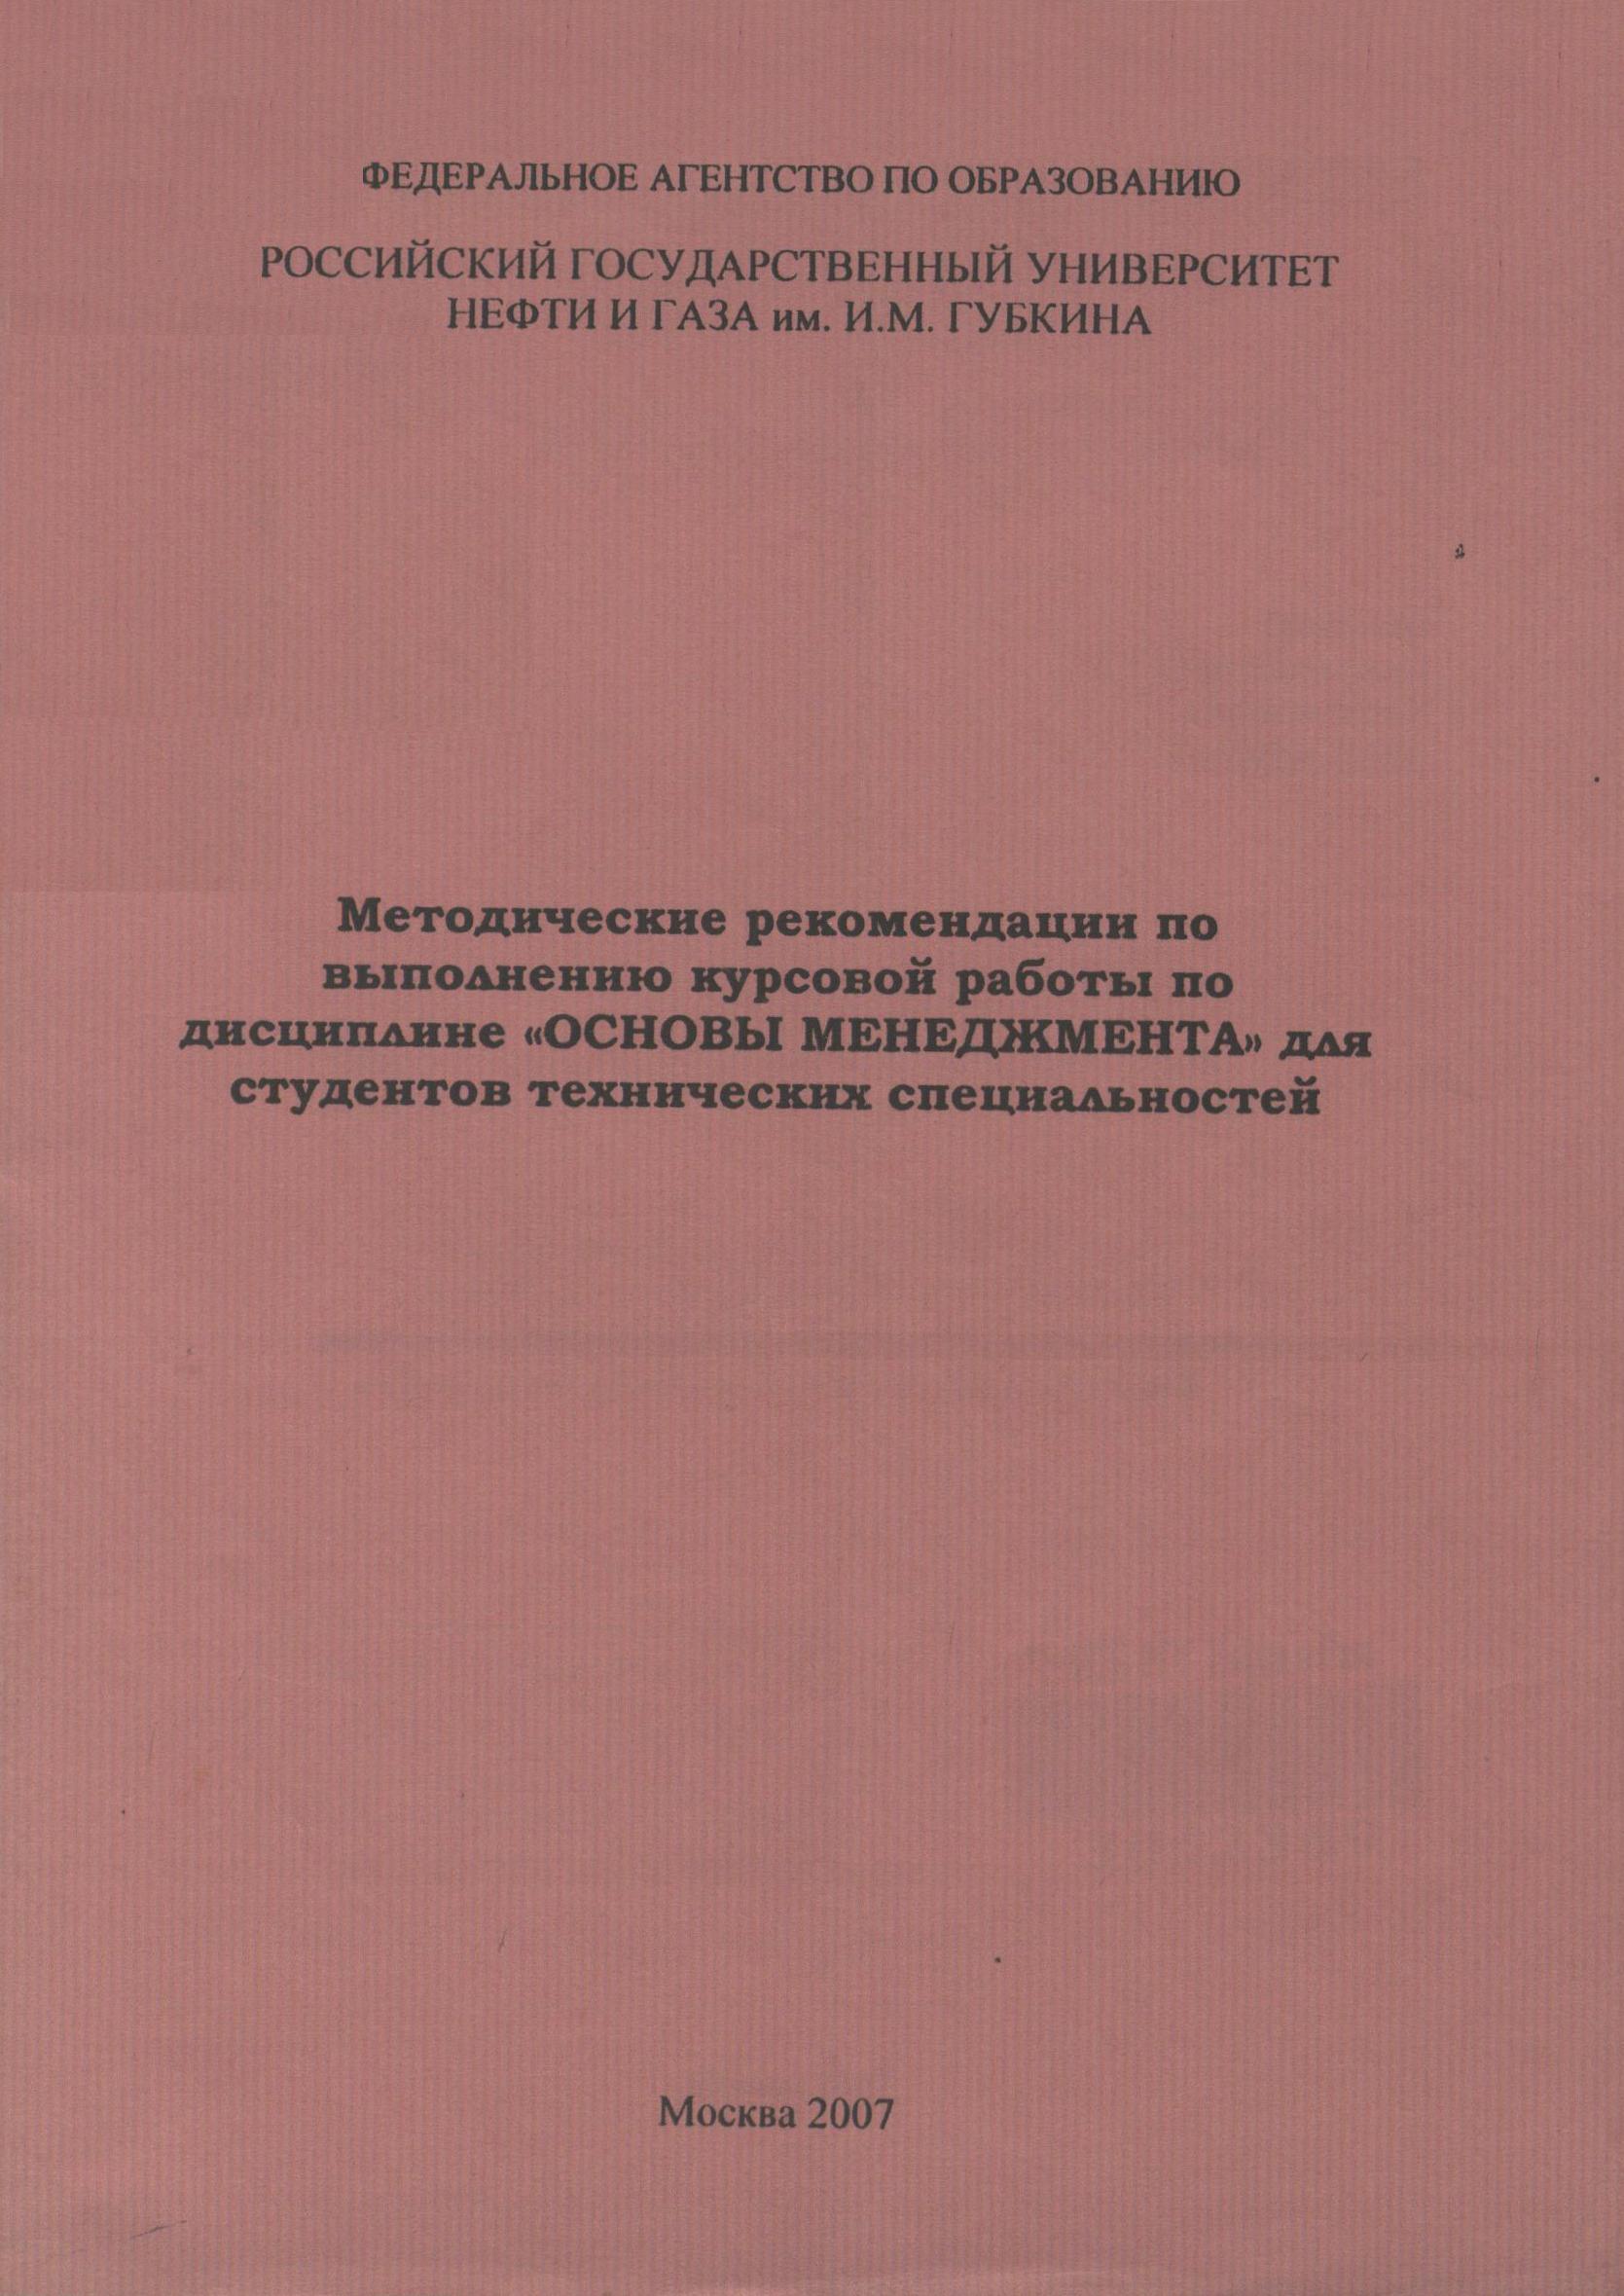 Методические рекомендации по выполнению курсовой работы по  Методические рекомендации по выполнению курсовой работы по дисциплине Основы менеджмента для студентов технических специальностей